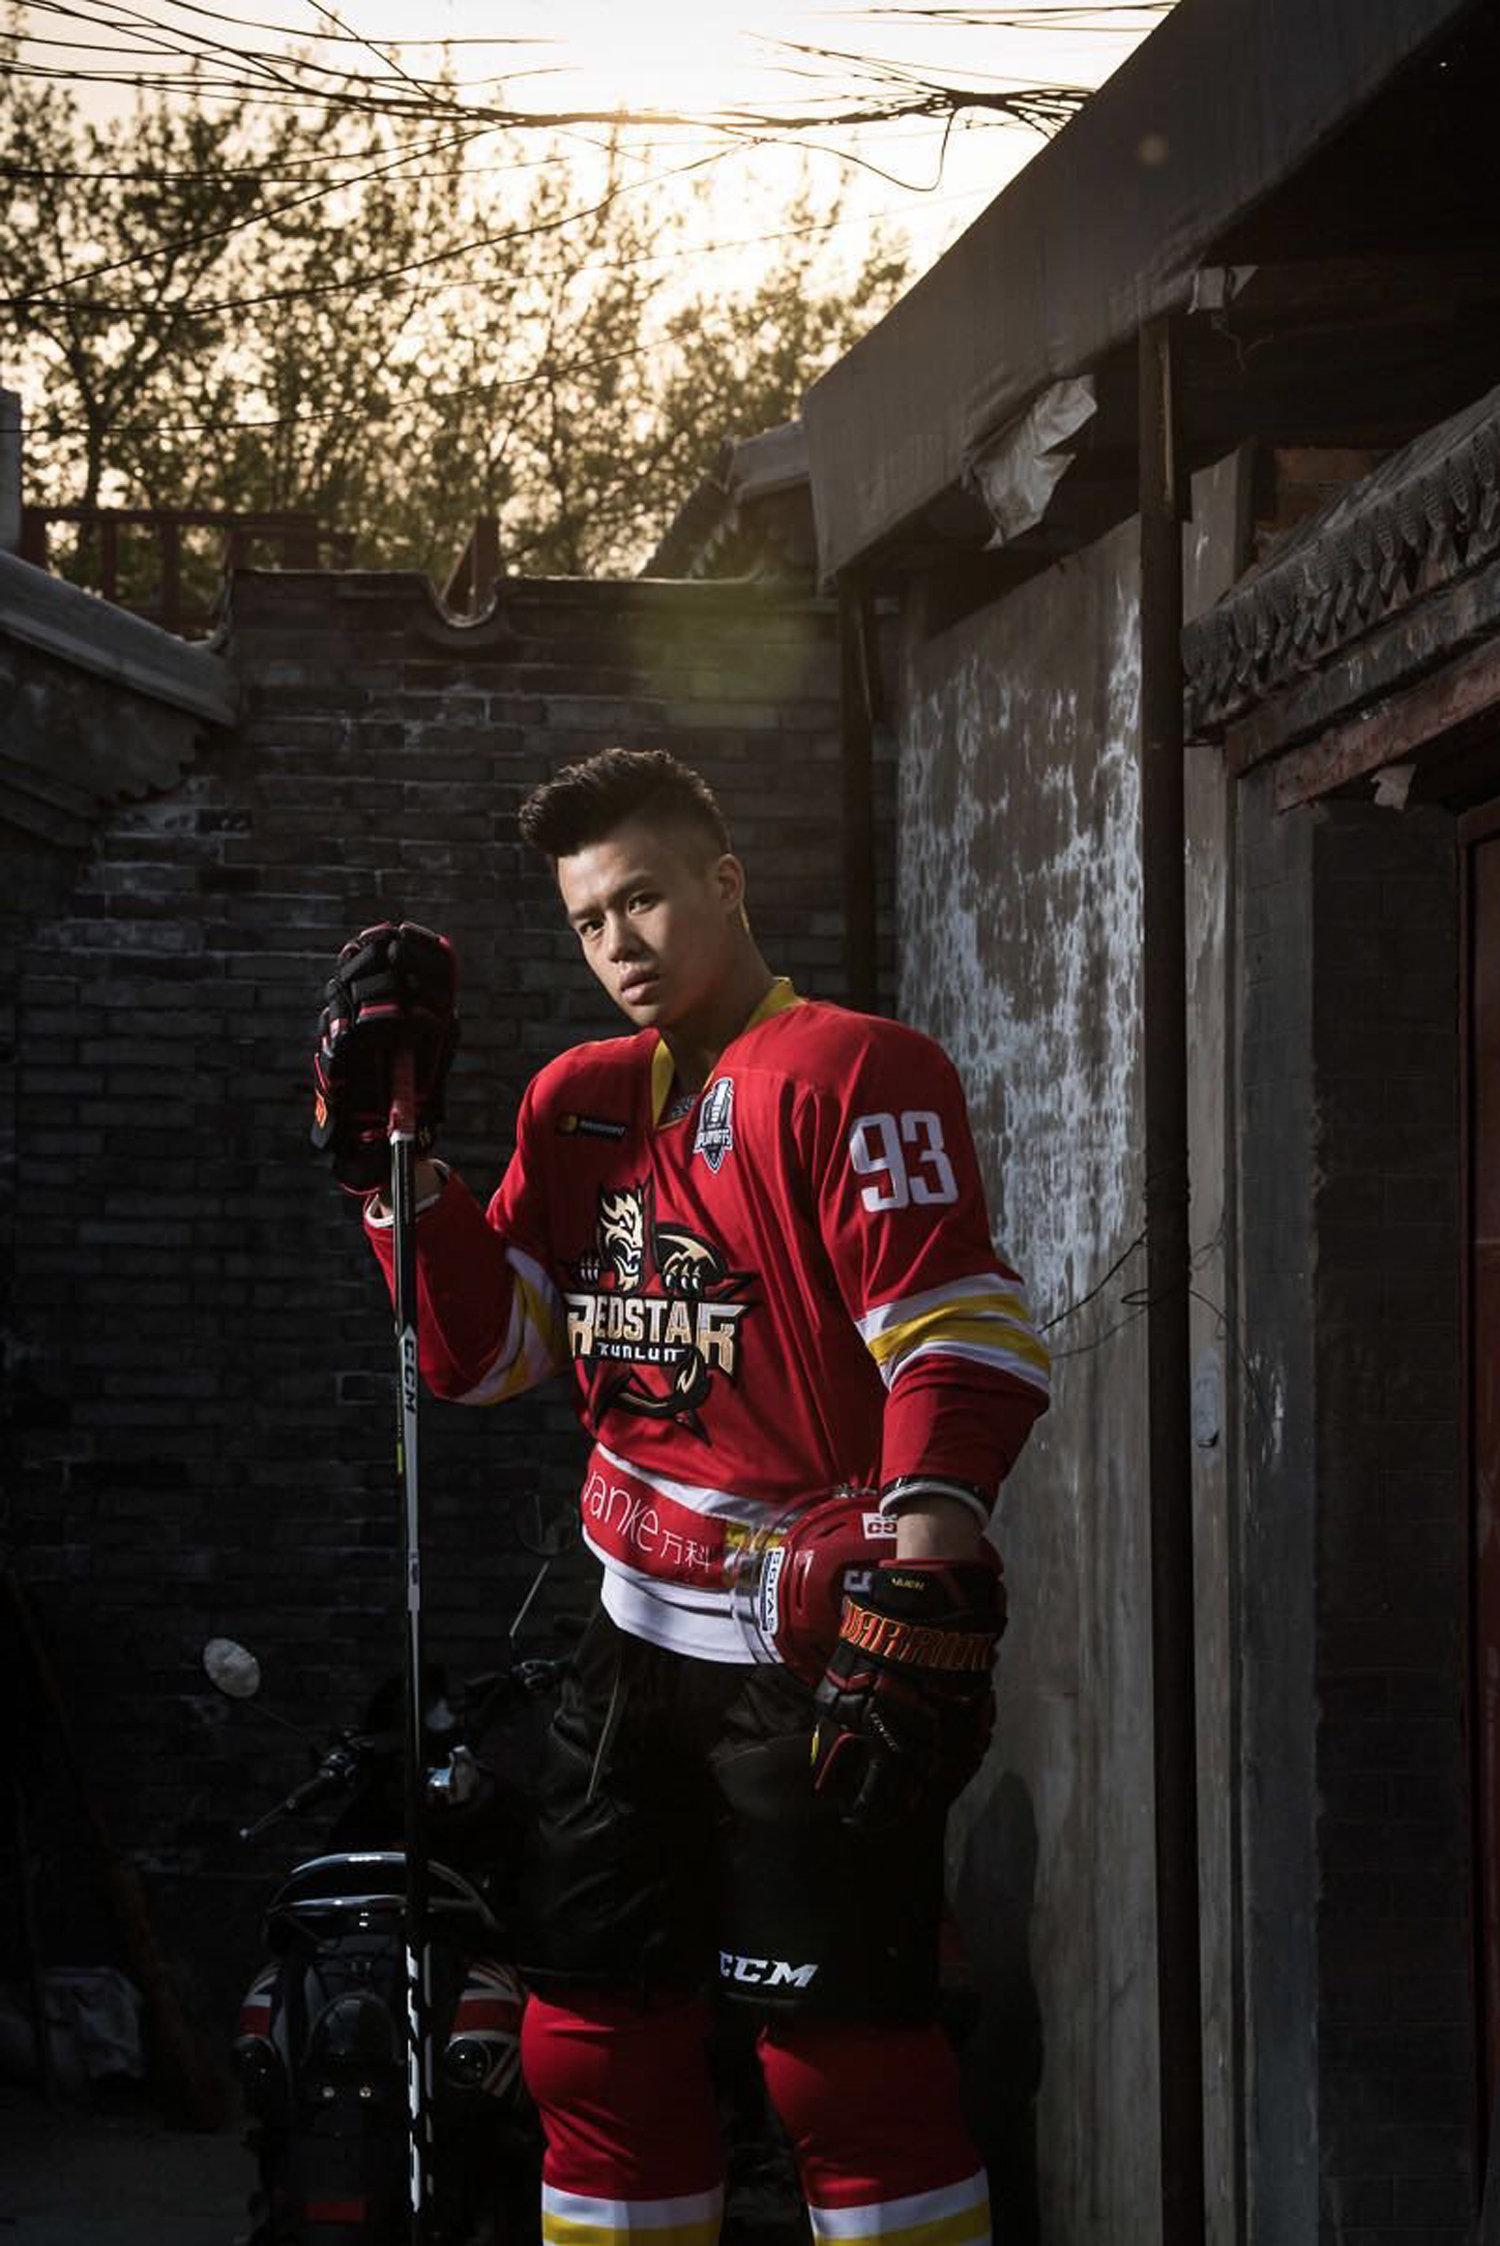 北京昆仑鸿星冰球俱乐部后卫袁俊杰续约一年